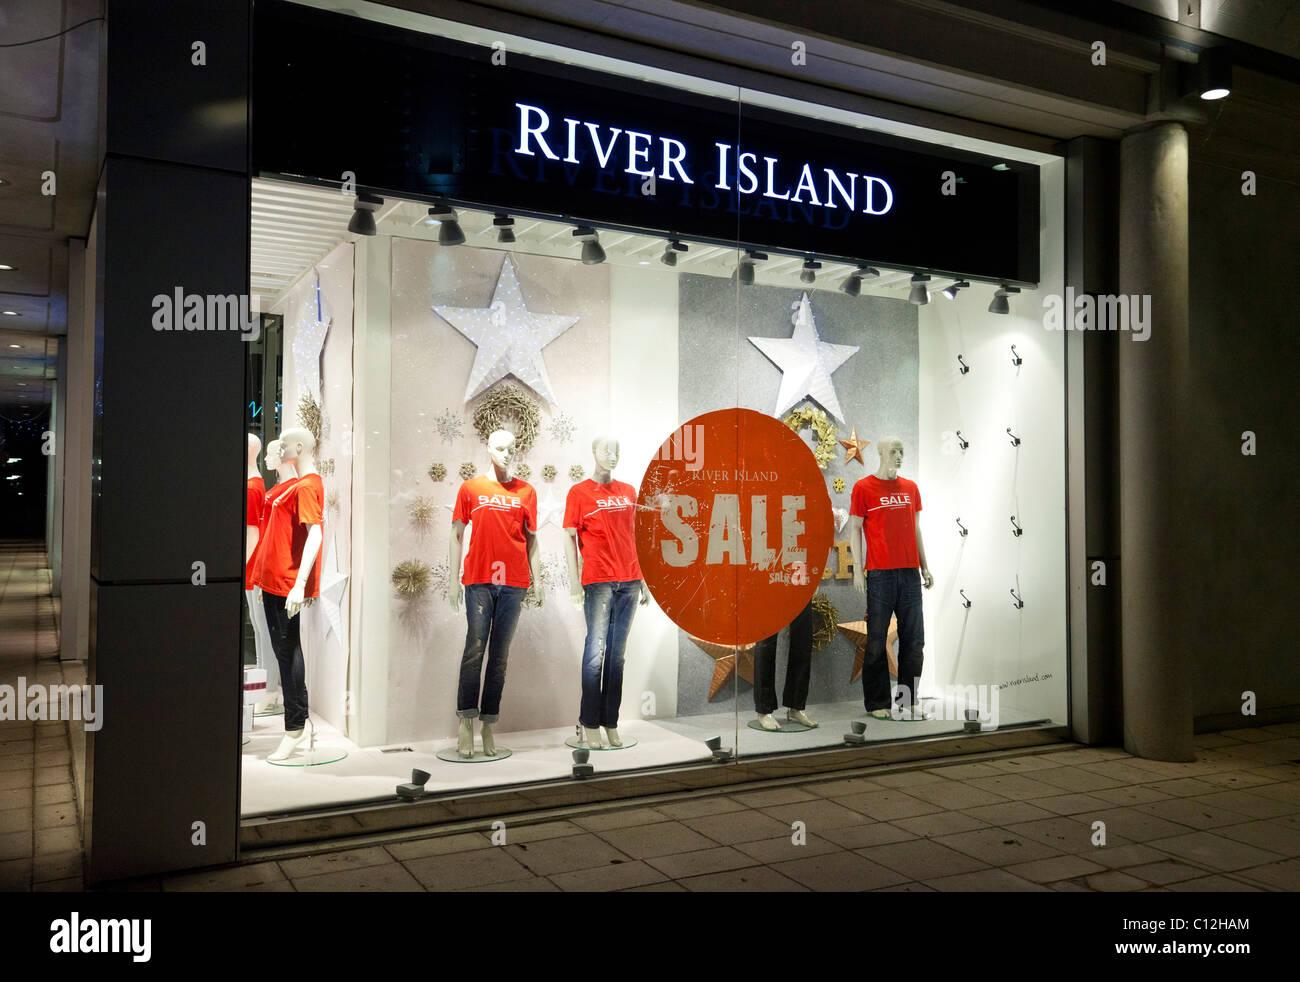 sales at River Island shop, UK Stock Photo